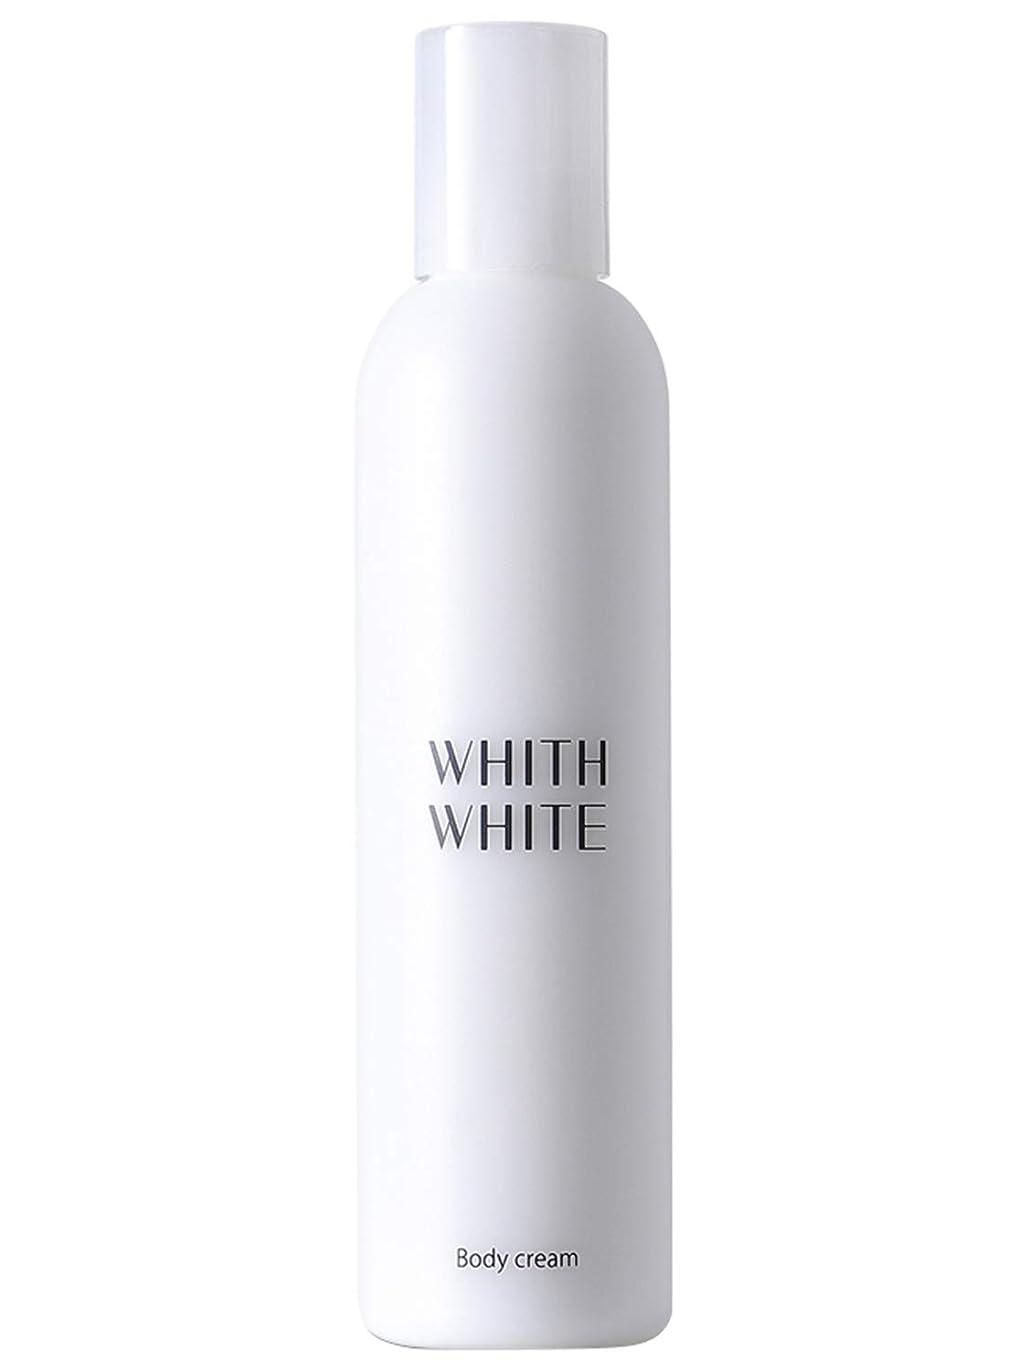 生活クライマックス調子フィス ホワイト 保湿 ボディクリーム 「顔 かかと 全身 乾燥肌 しみ くすみ 用 エモリエント 保湿クリーム 」200g